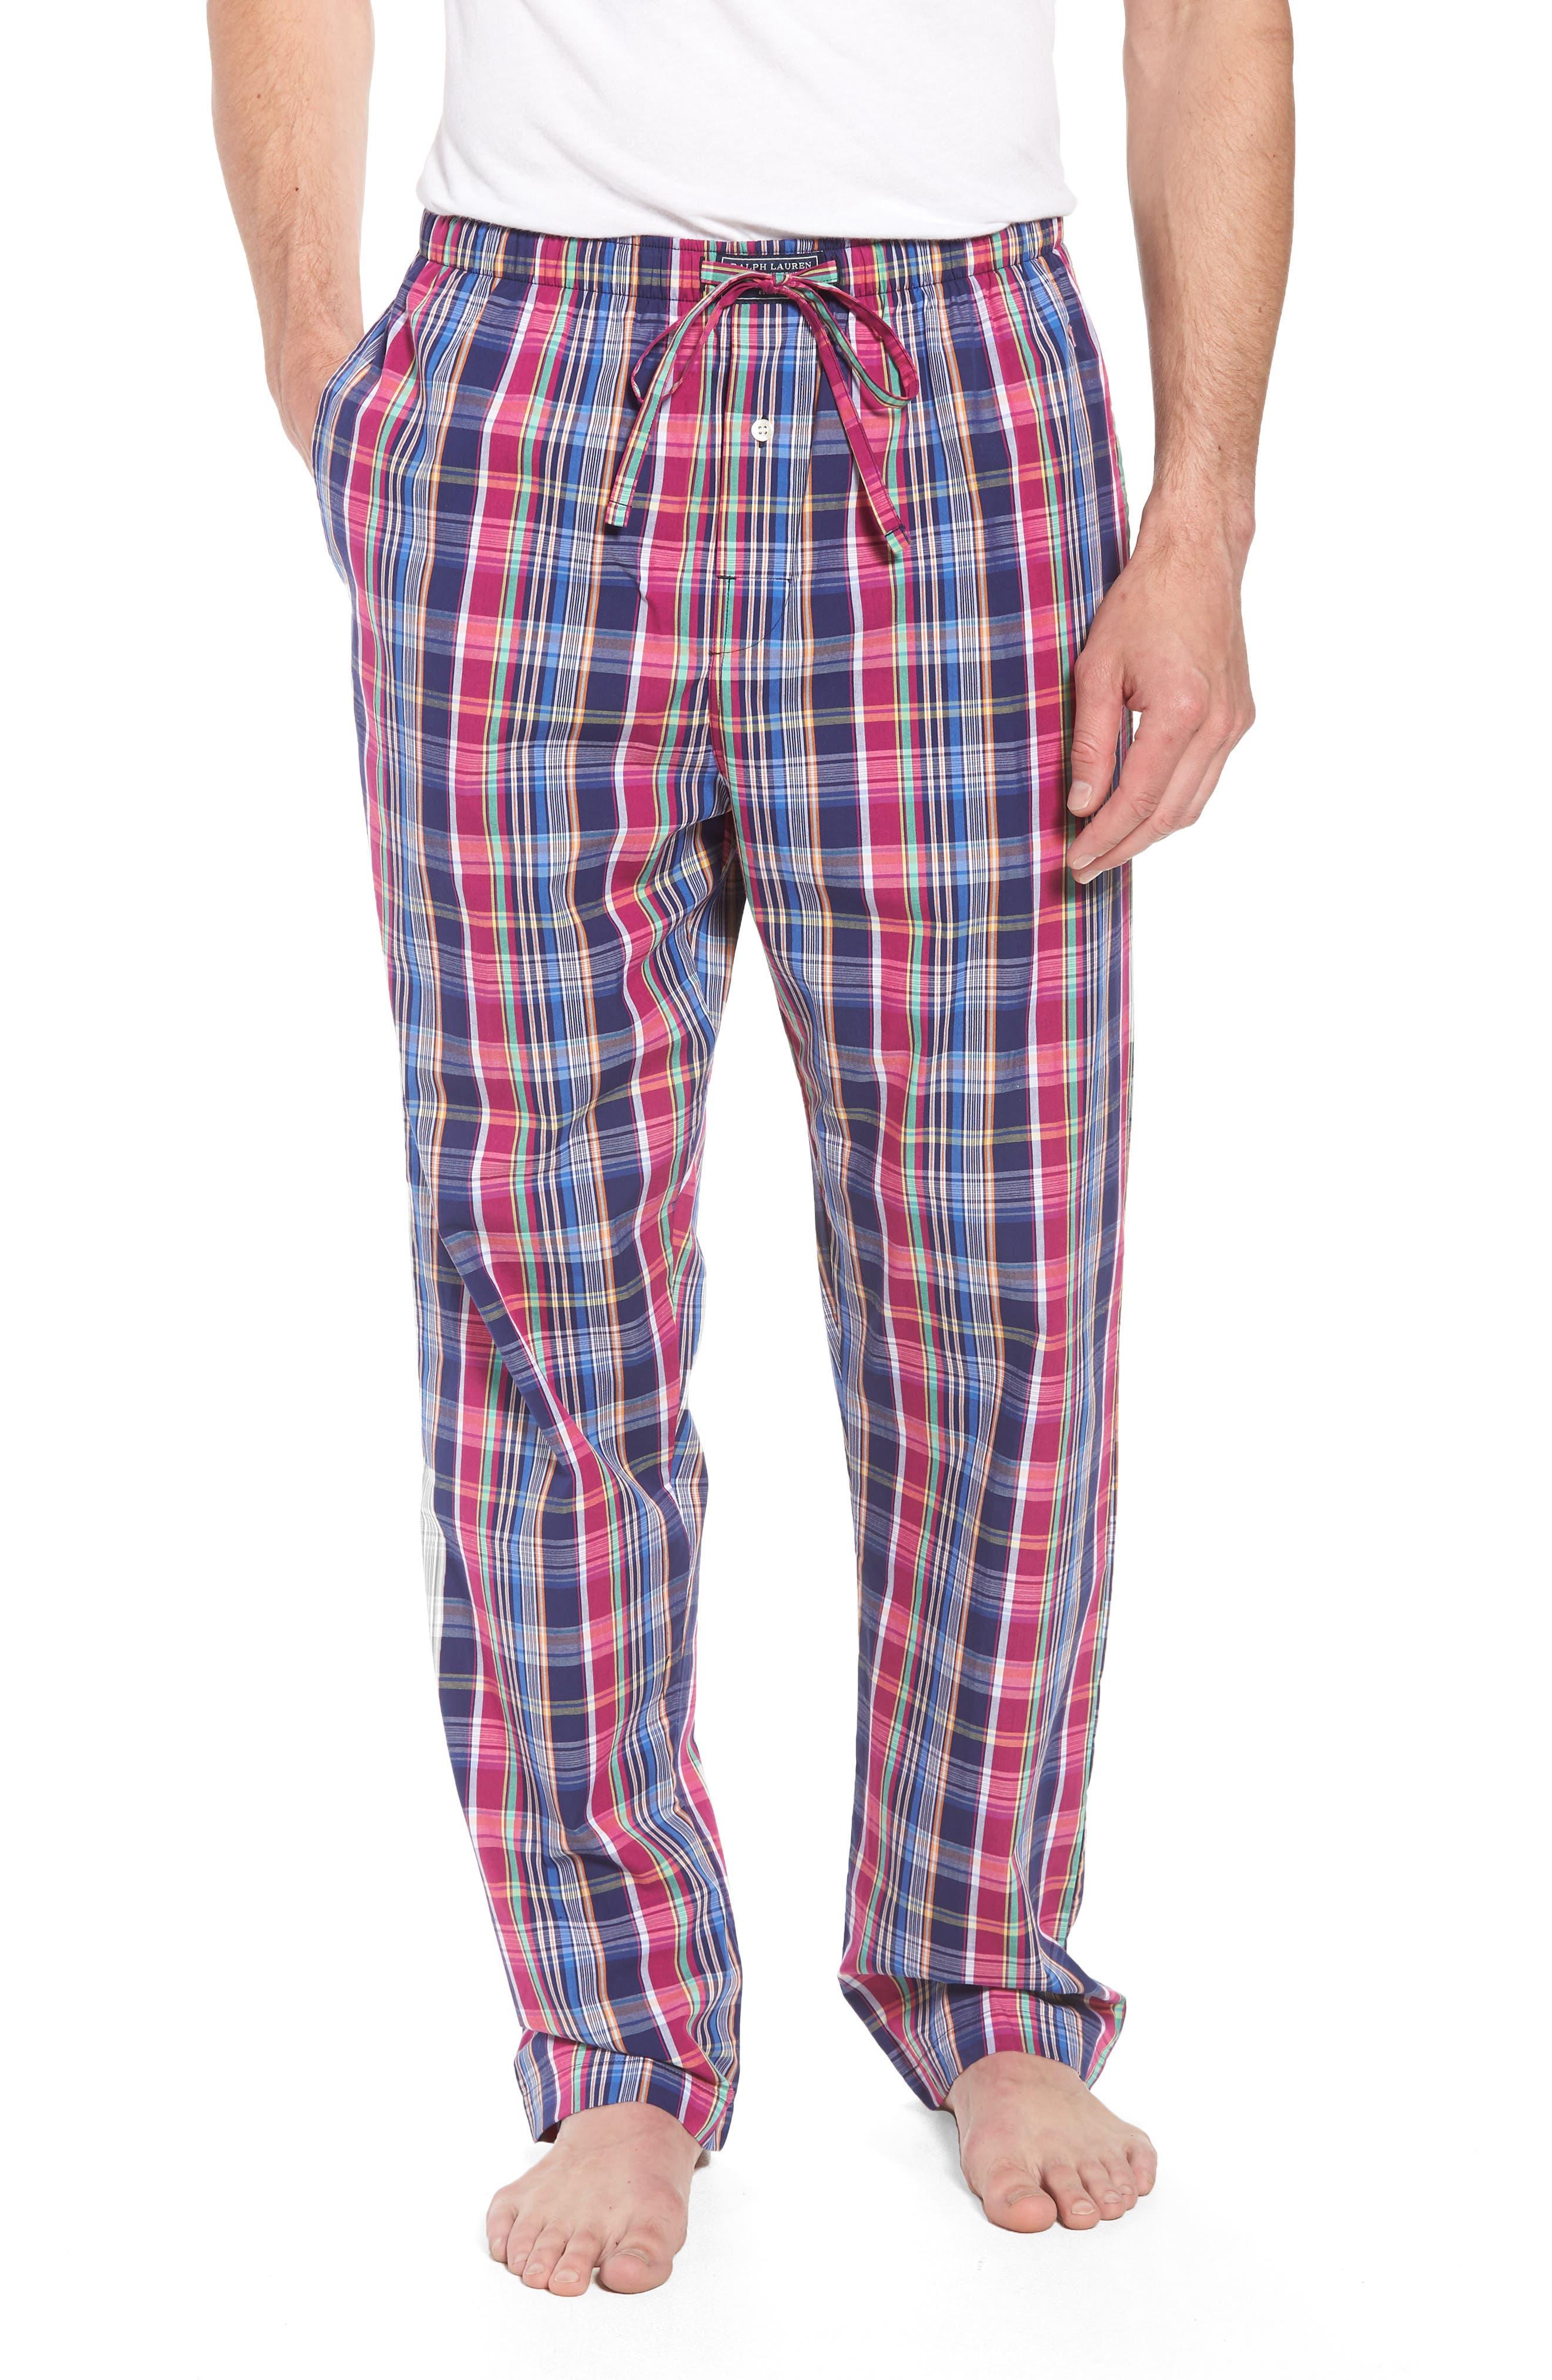 Cotton Lounge Pants,                             Main thumbnail 1, color,                             Collins Plaid